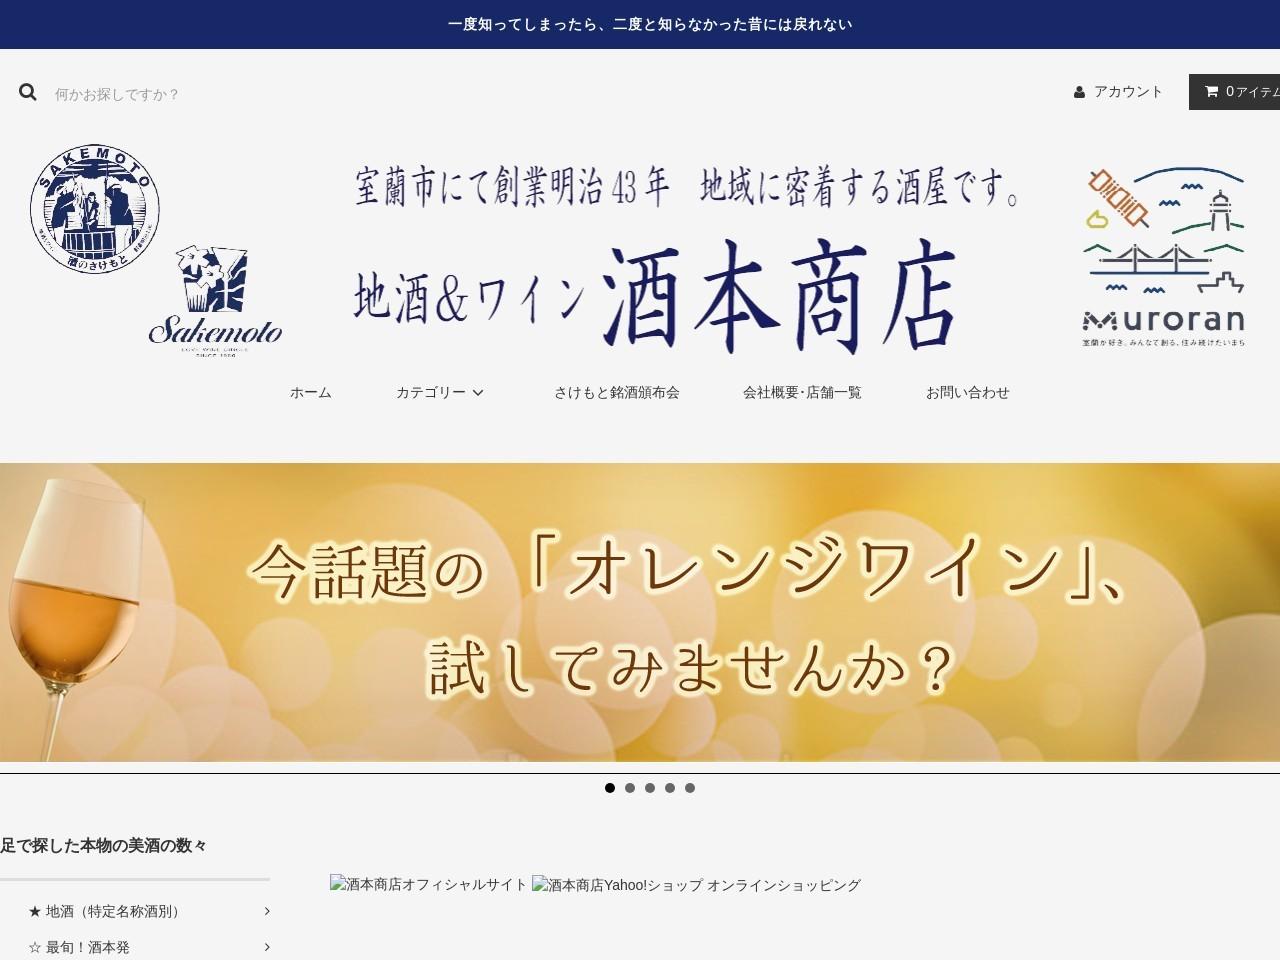 北海道室蘭市 地酒&ワイン 酒本商店(さけもと商店)